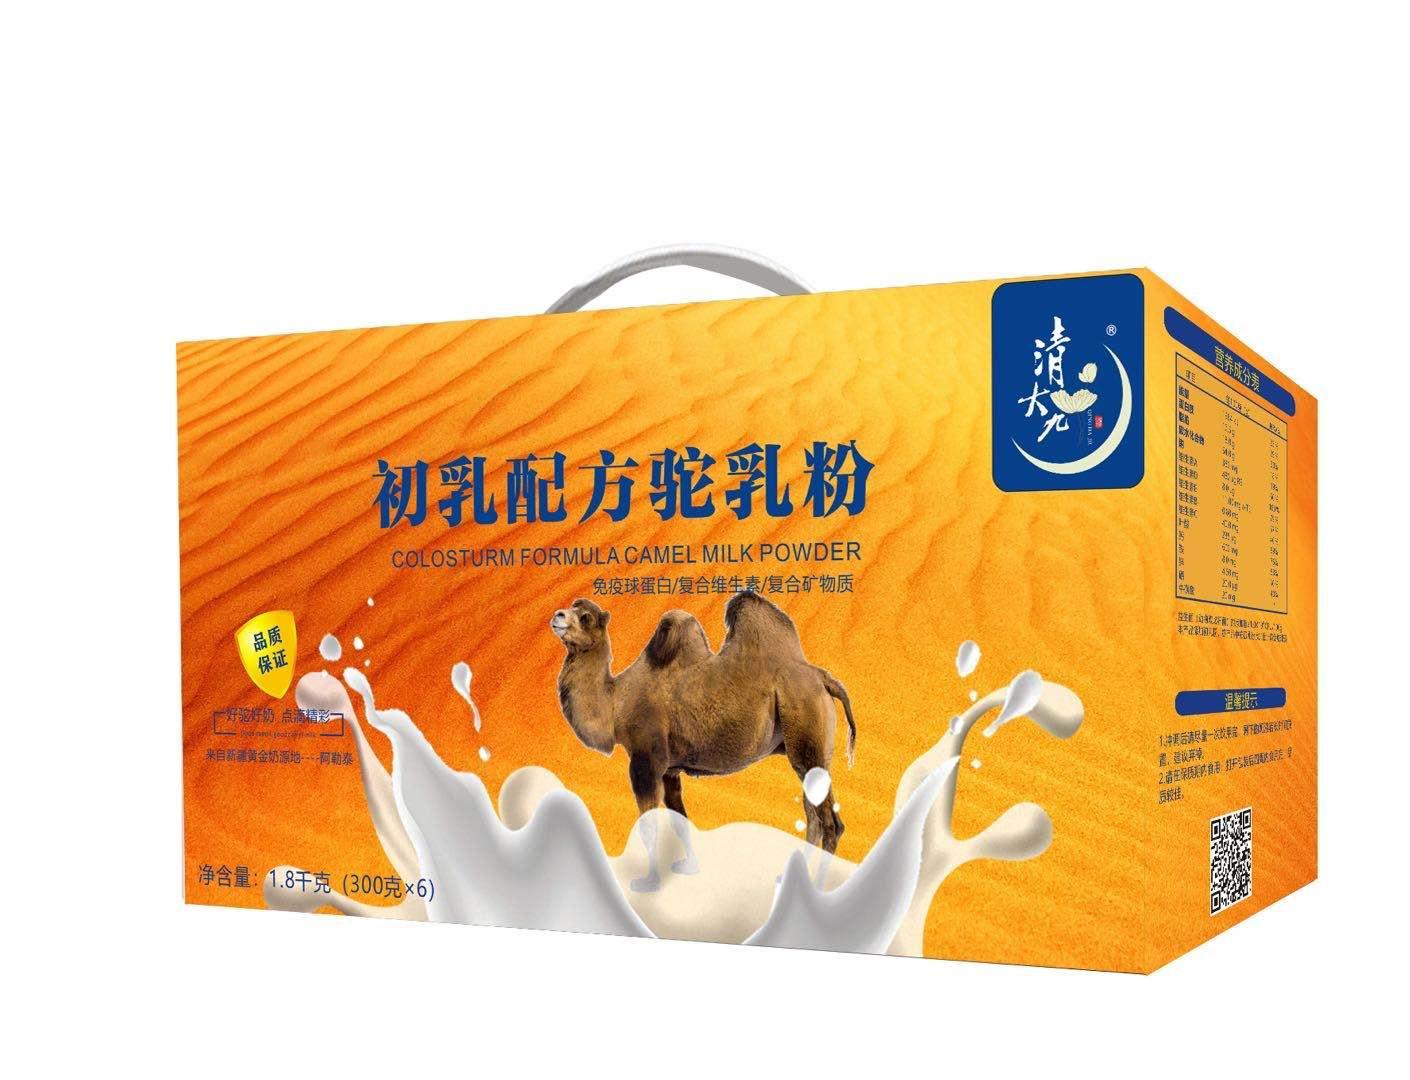 供应清大九初乳配方驼乳粉益生菌配方驼乳粉代加工定制